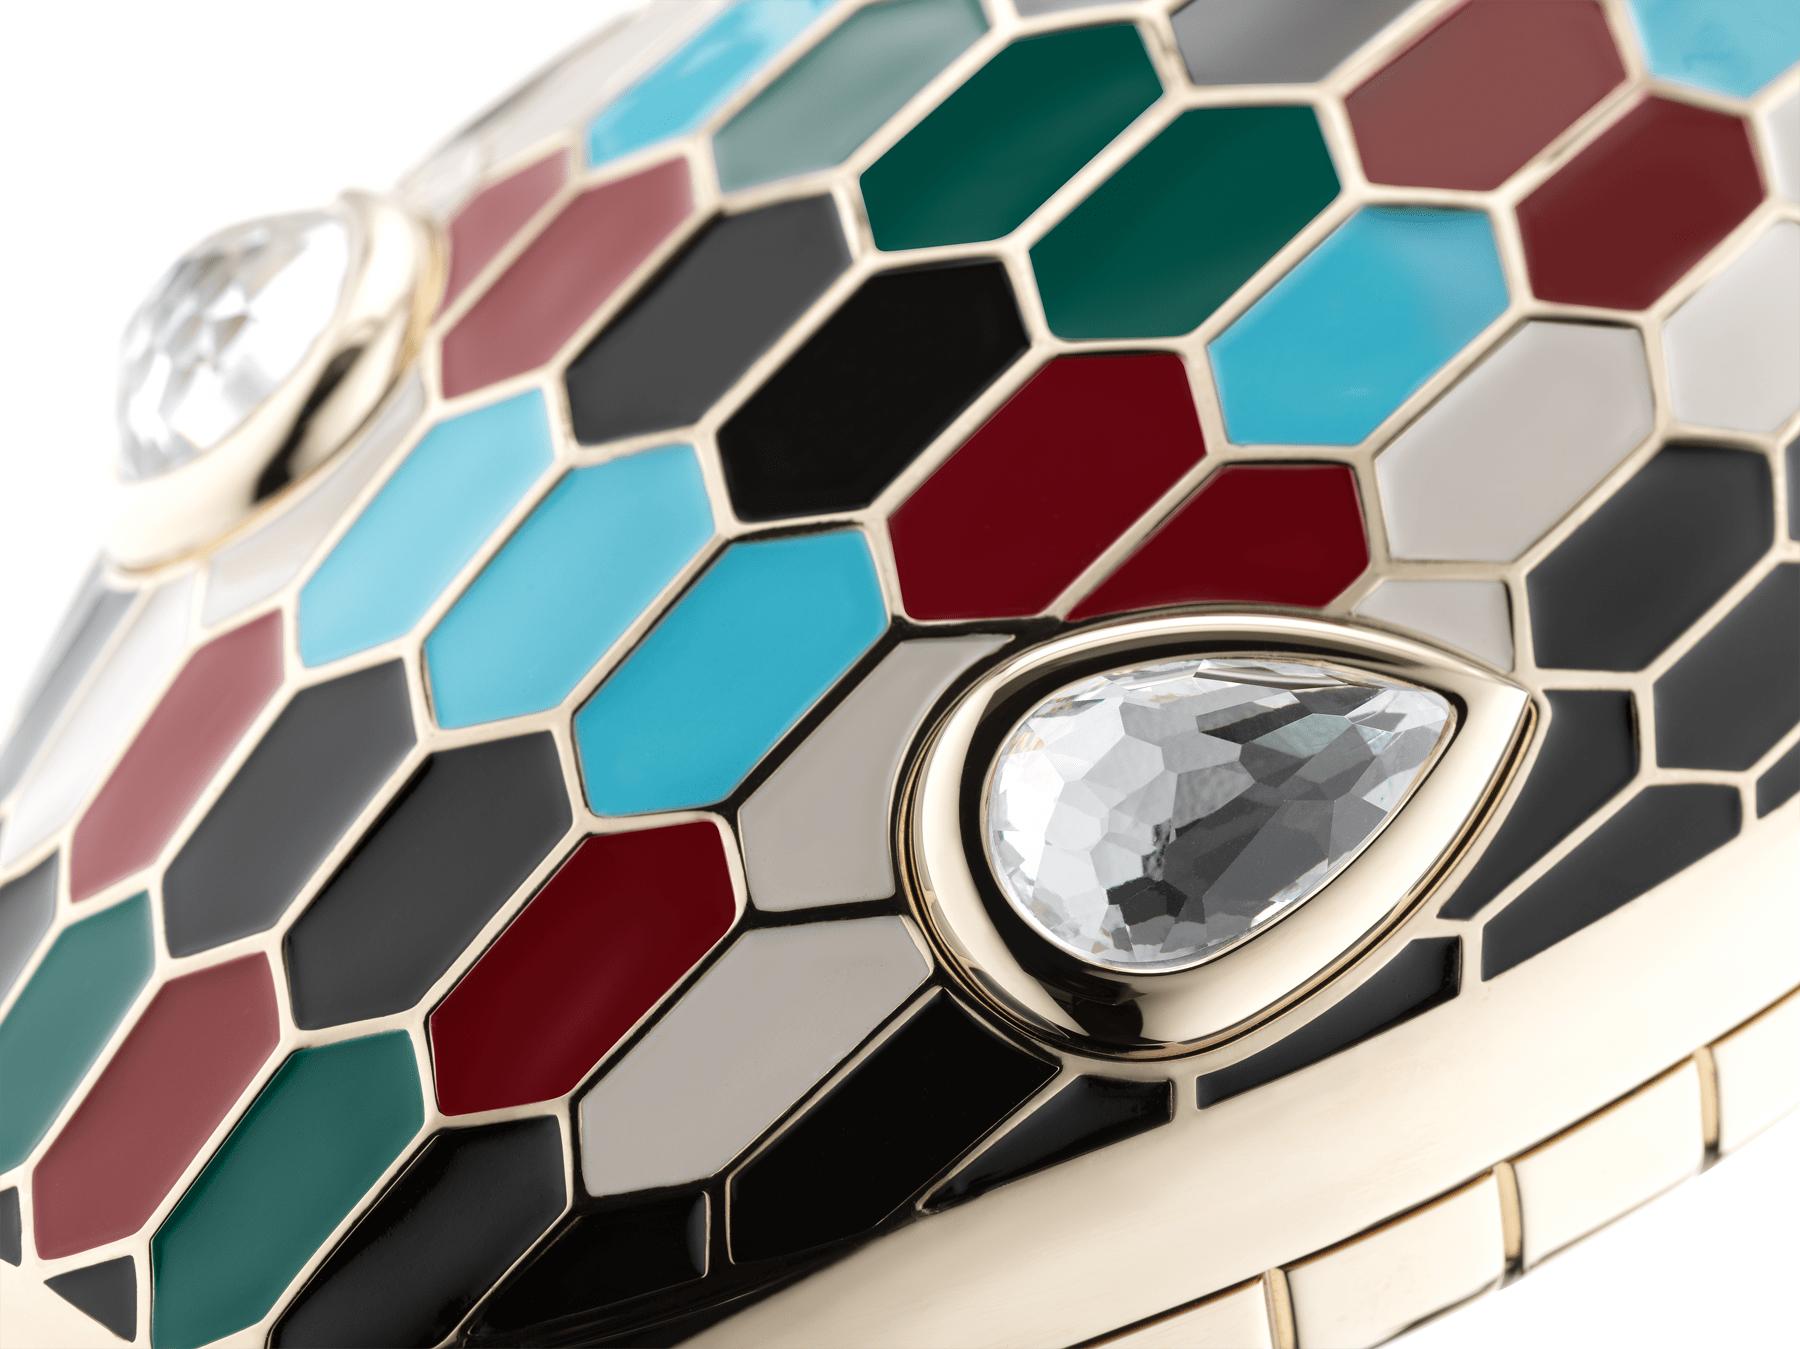 Минодьер Mary Katrantzou x Bvlgari, алюминий с покрытием из светлого золота, чешуйки из разноцветной эмали, гипнотические глаза из хрусталя. Специальная серия. MK-1153 image 4